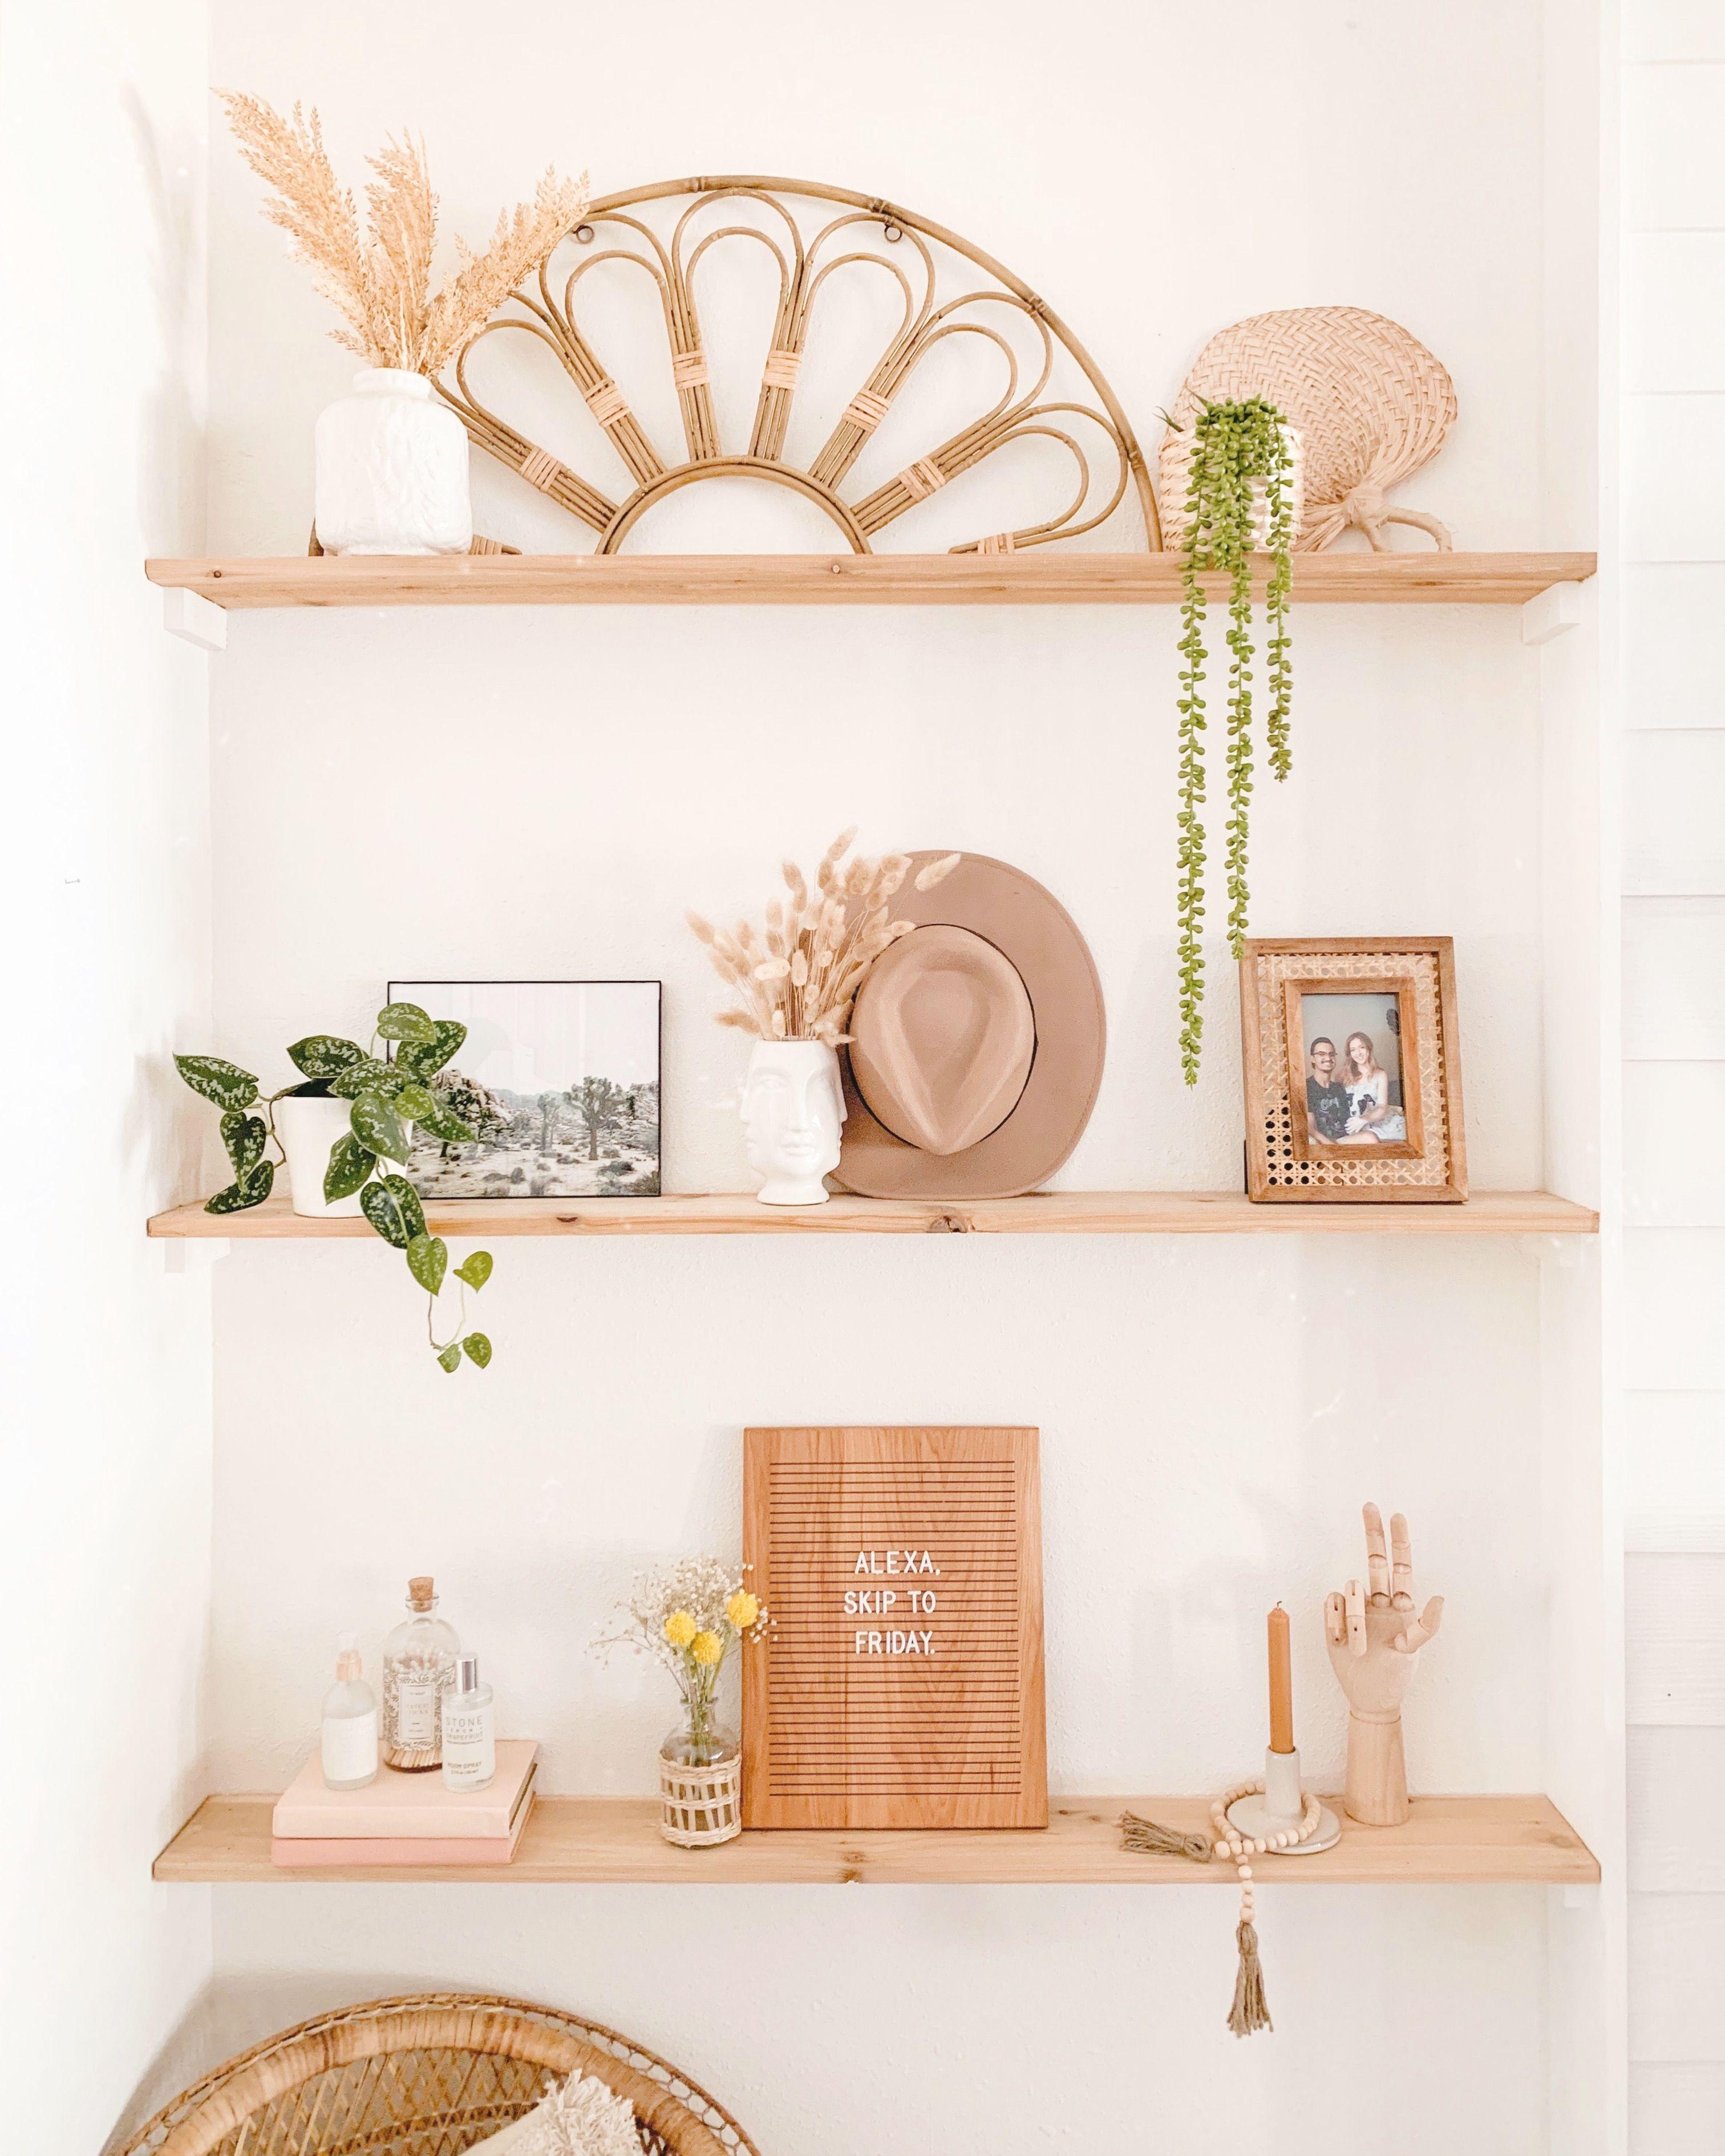 Boho Styled Shelves Shelf Decor Living Room Shelf Decor Bedroom Dining Room Shelves